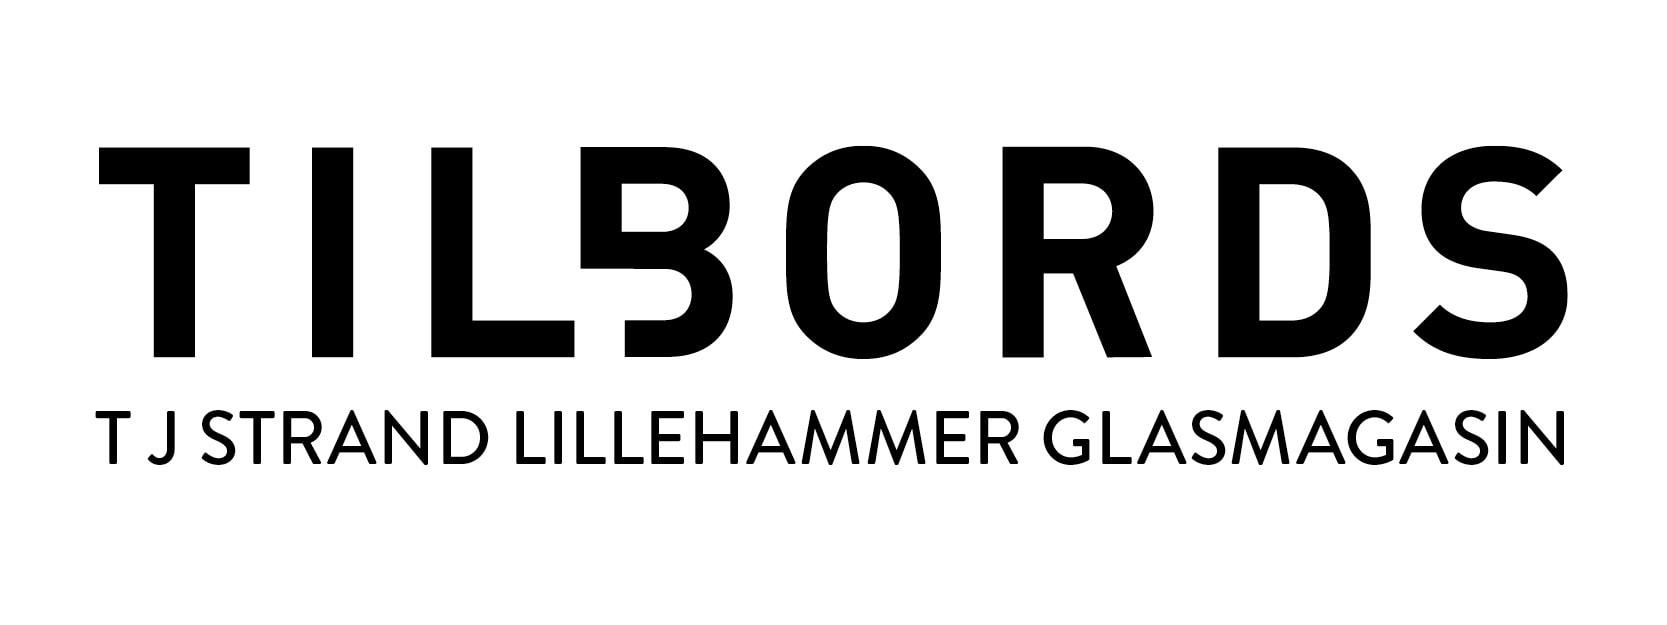 T J  Strand Lillehammer Glasmagasin